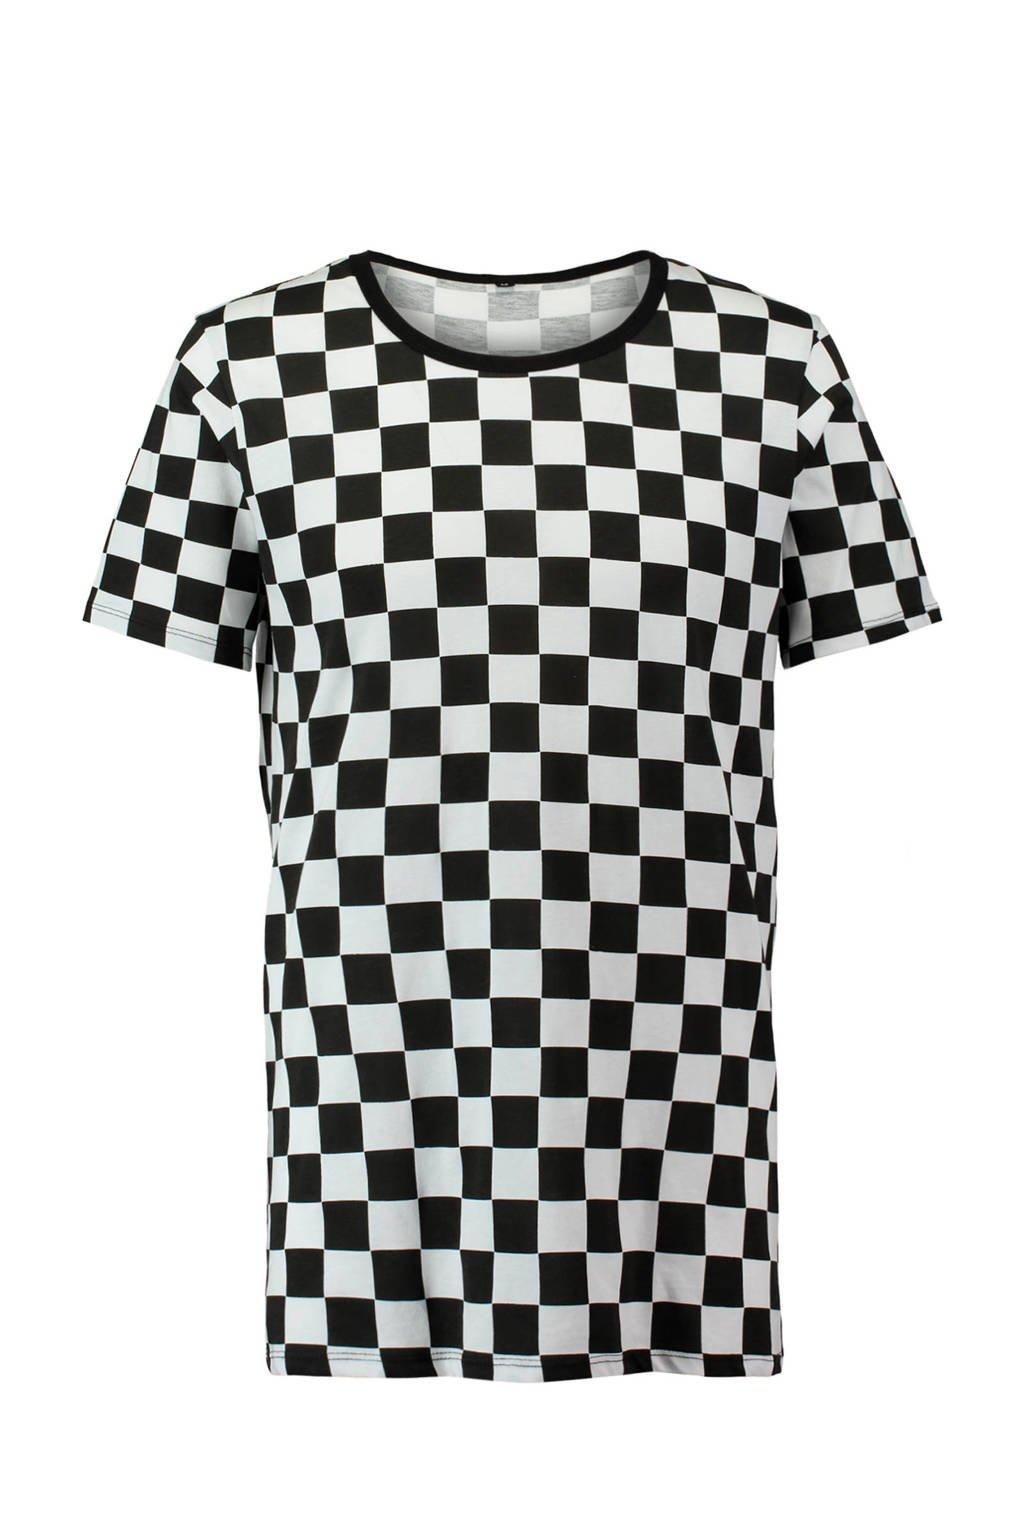 Zwart Wit Geruit Overhemd.Coolcat T Shirt Met Geblokt Patroon Zwart Wit Wehkamp